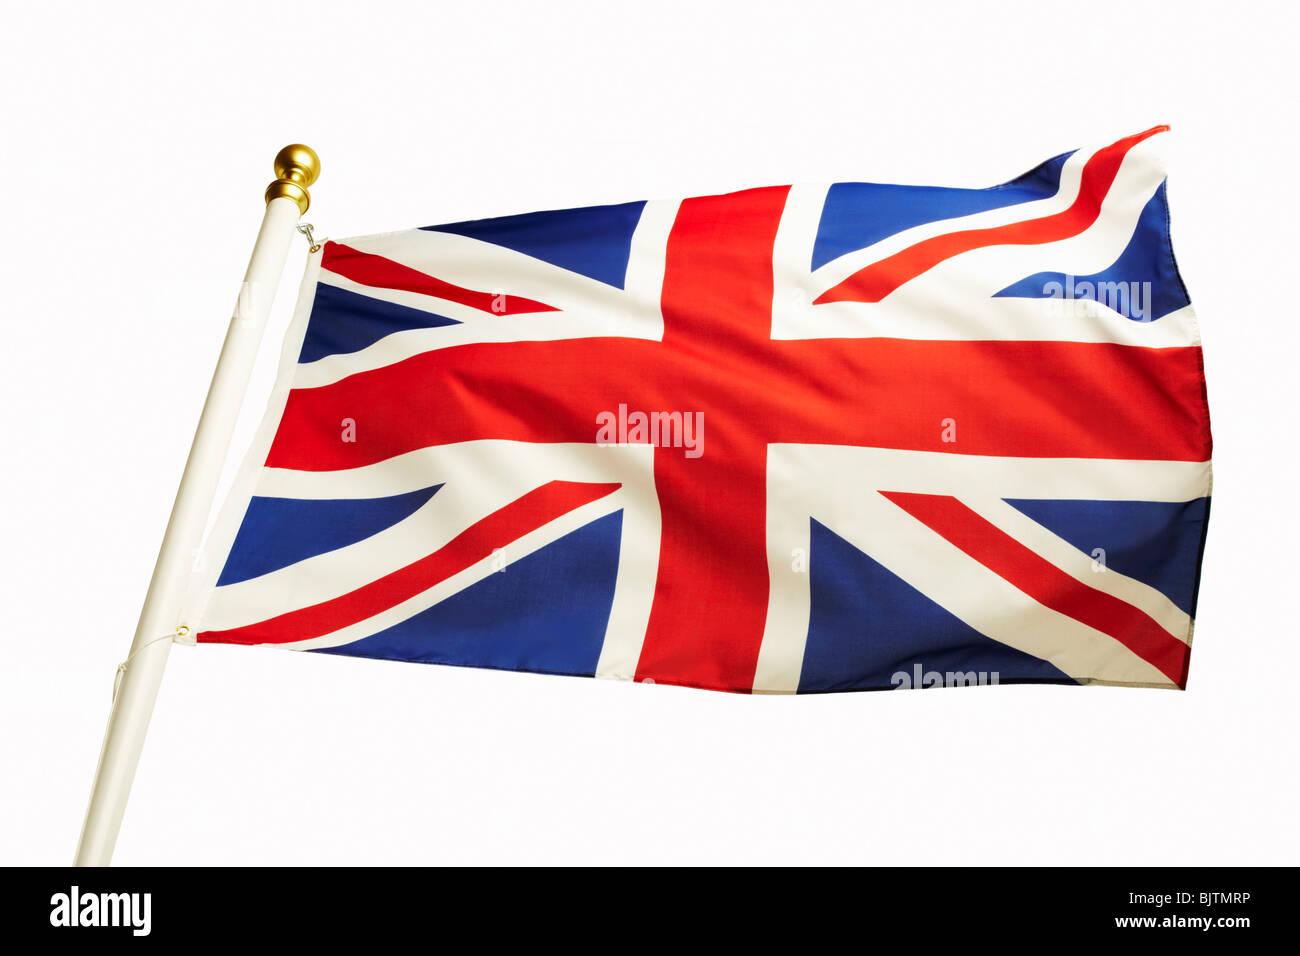 The Union Jack Flag Stock Photo